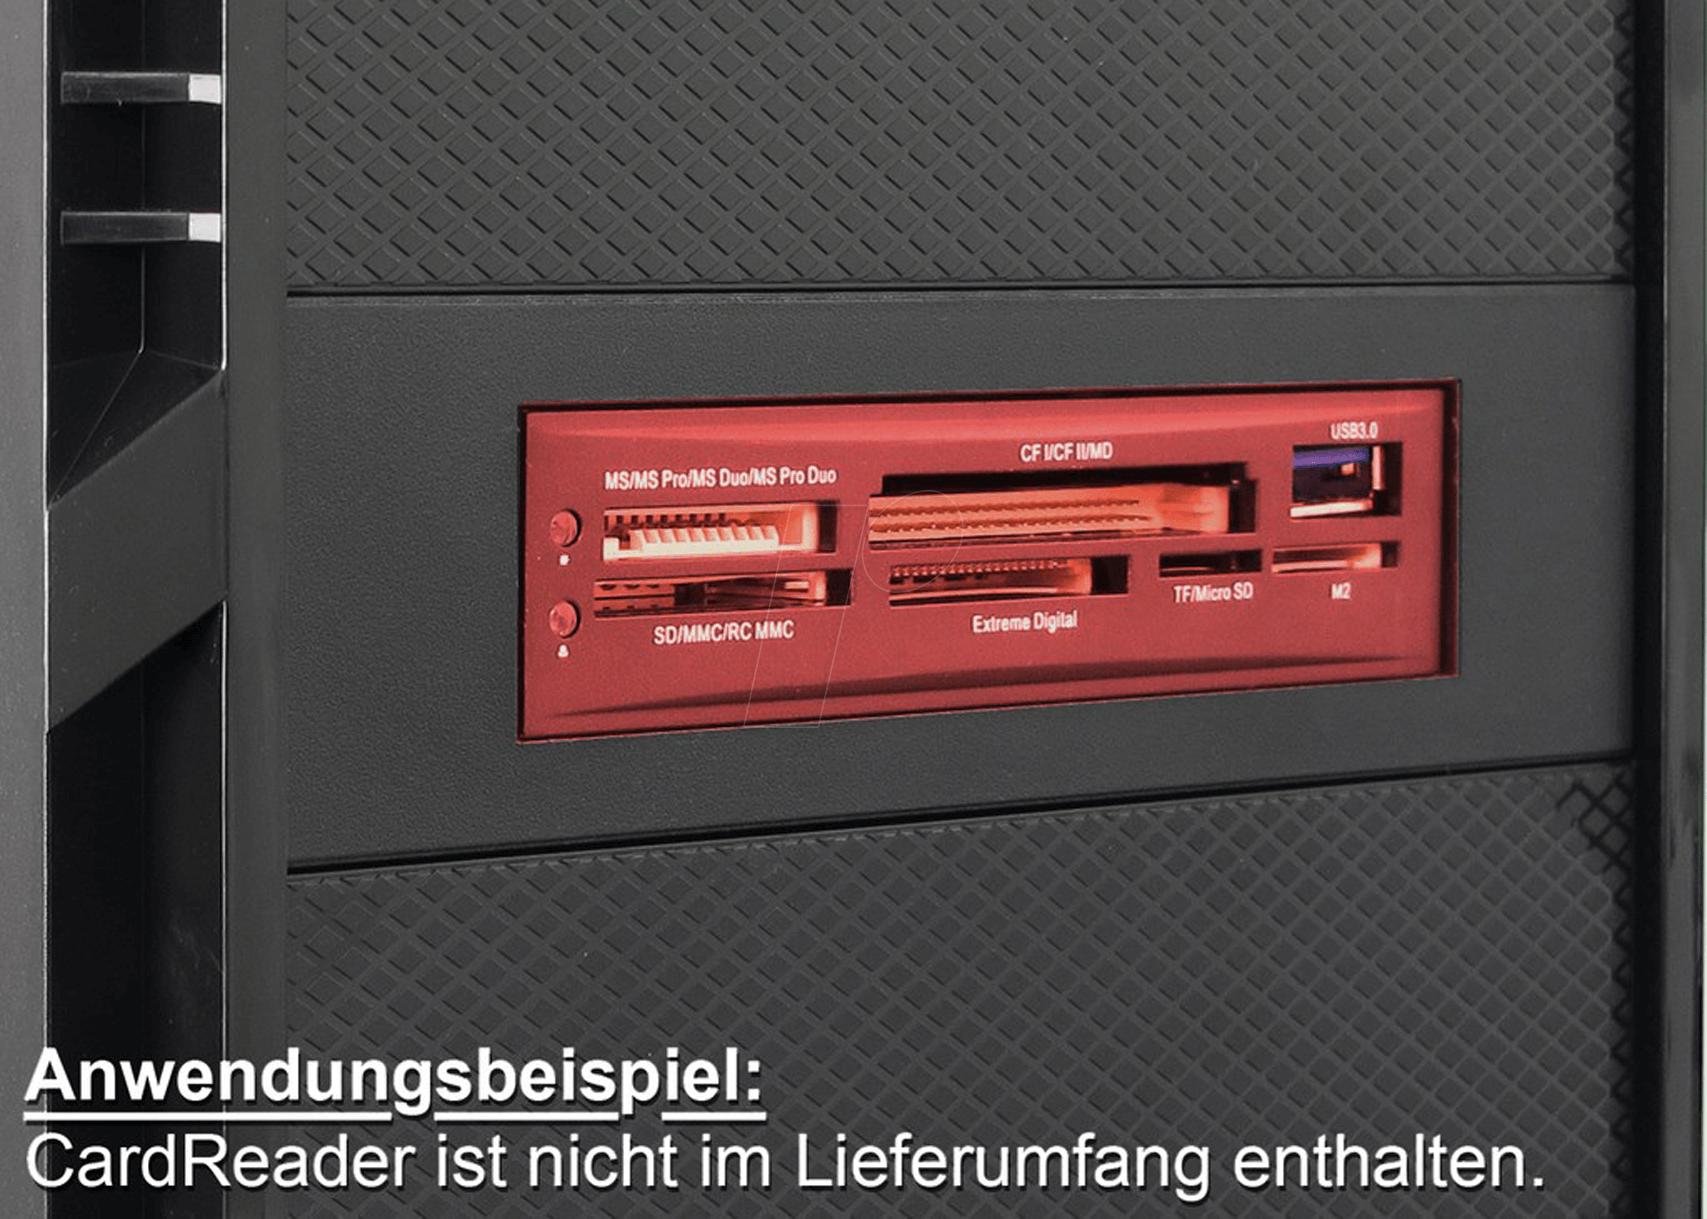 https://cdn-reichelt.de/bilder/web/xxl_ws/E910/IT88881161_11.png